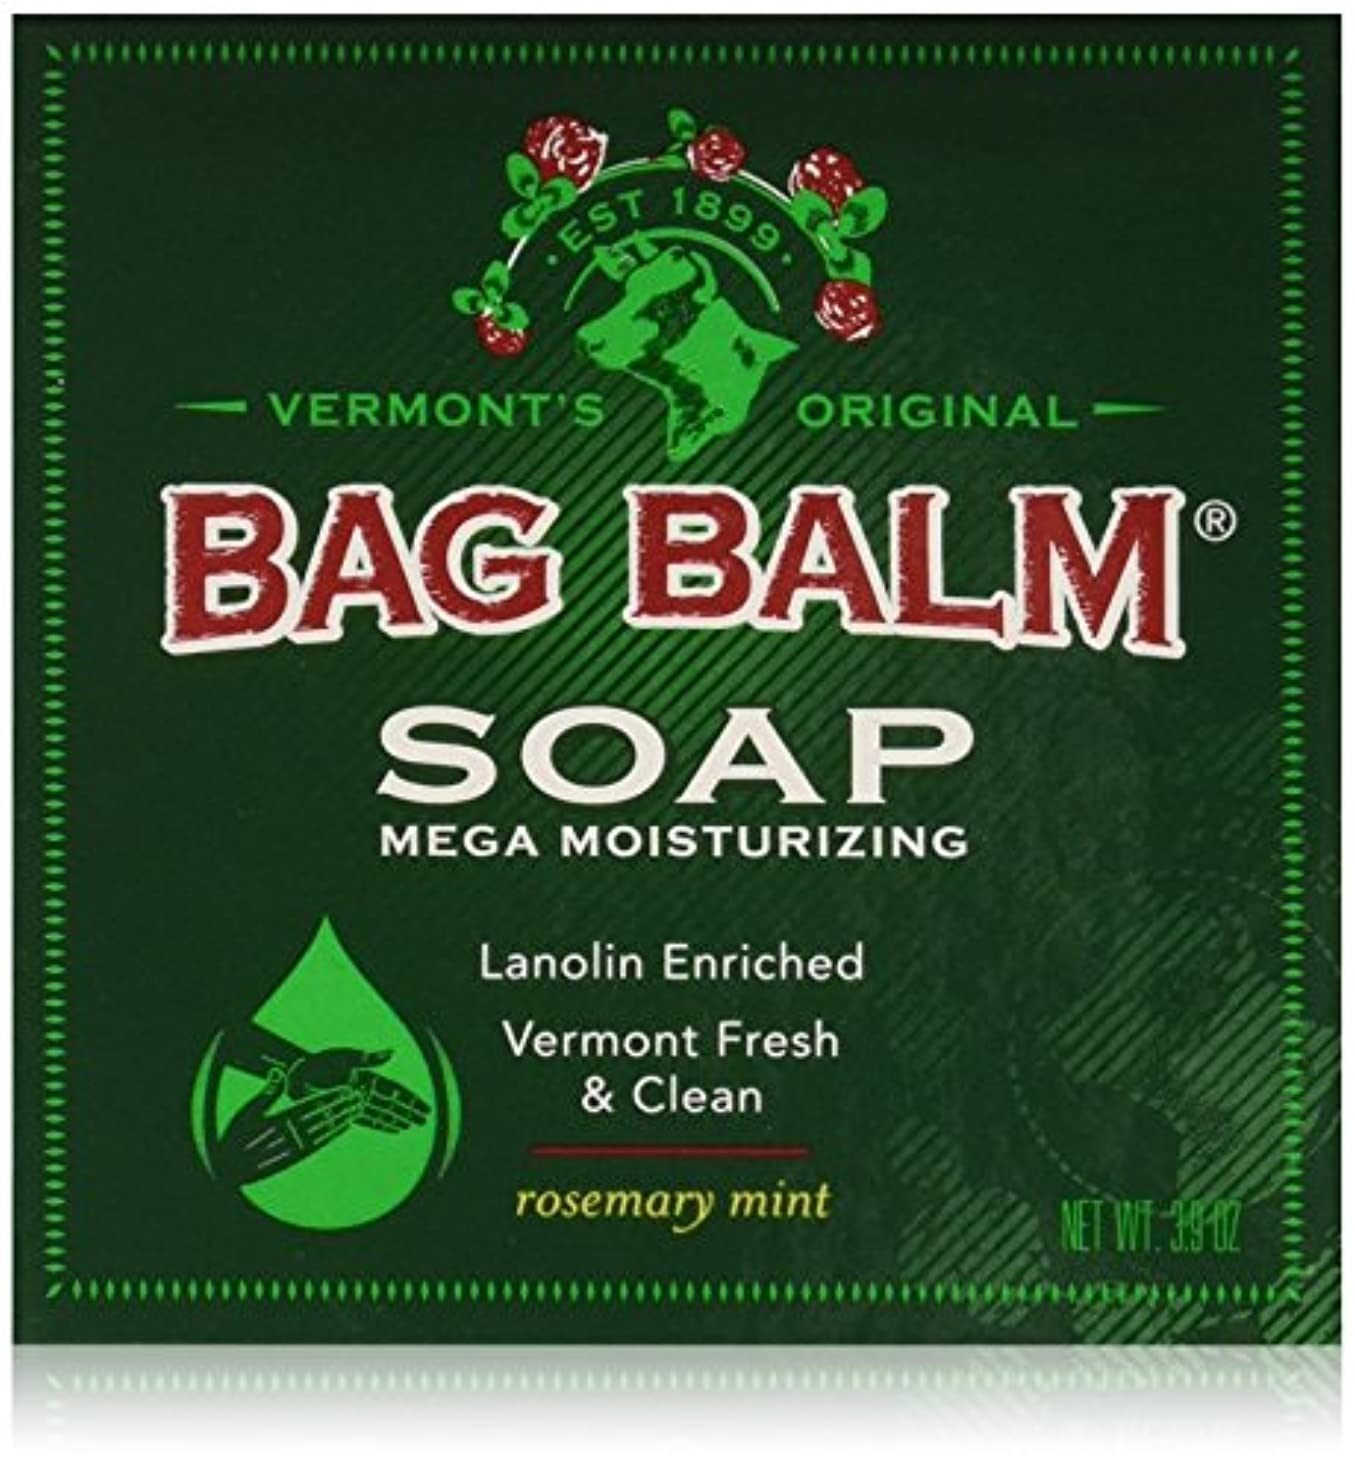 バッグバームの新作 メガモイスチャライジングソープ 3.9オンス 乾燥したお肌にモイスチャライズ石鹸